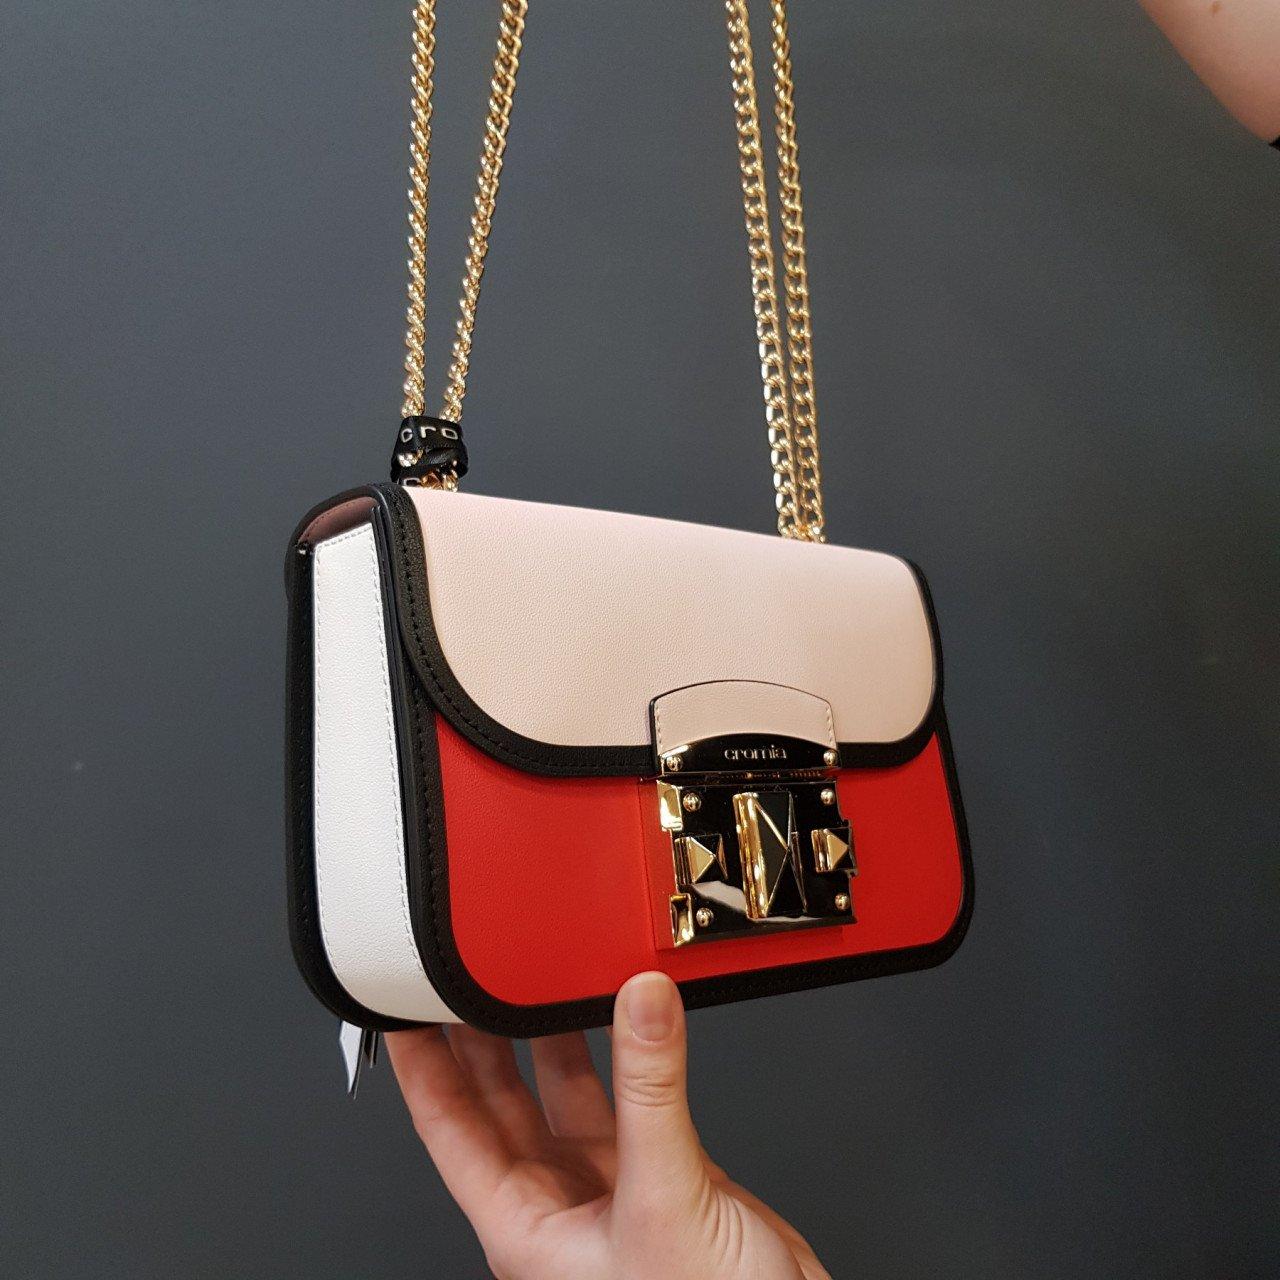 Женская кожаная сумка Cromia 1404847 ROSSO из натуральной кожи